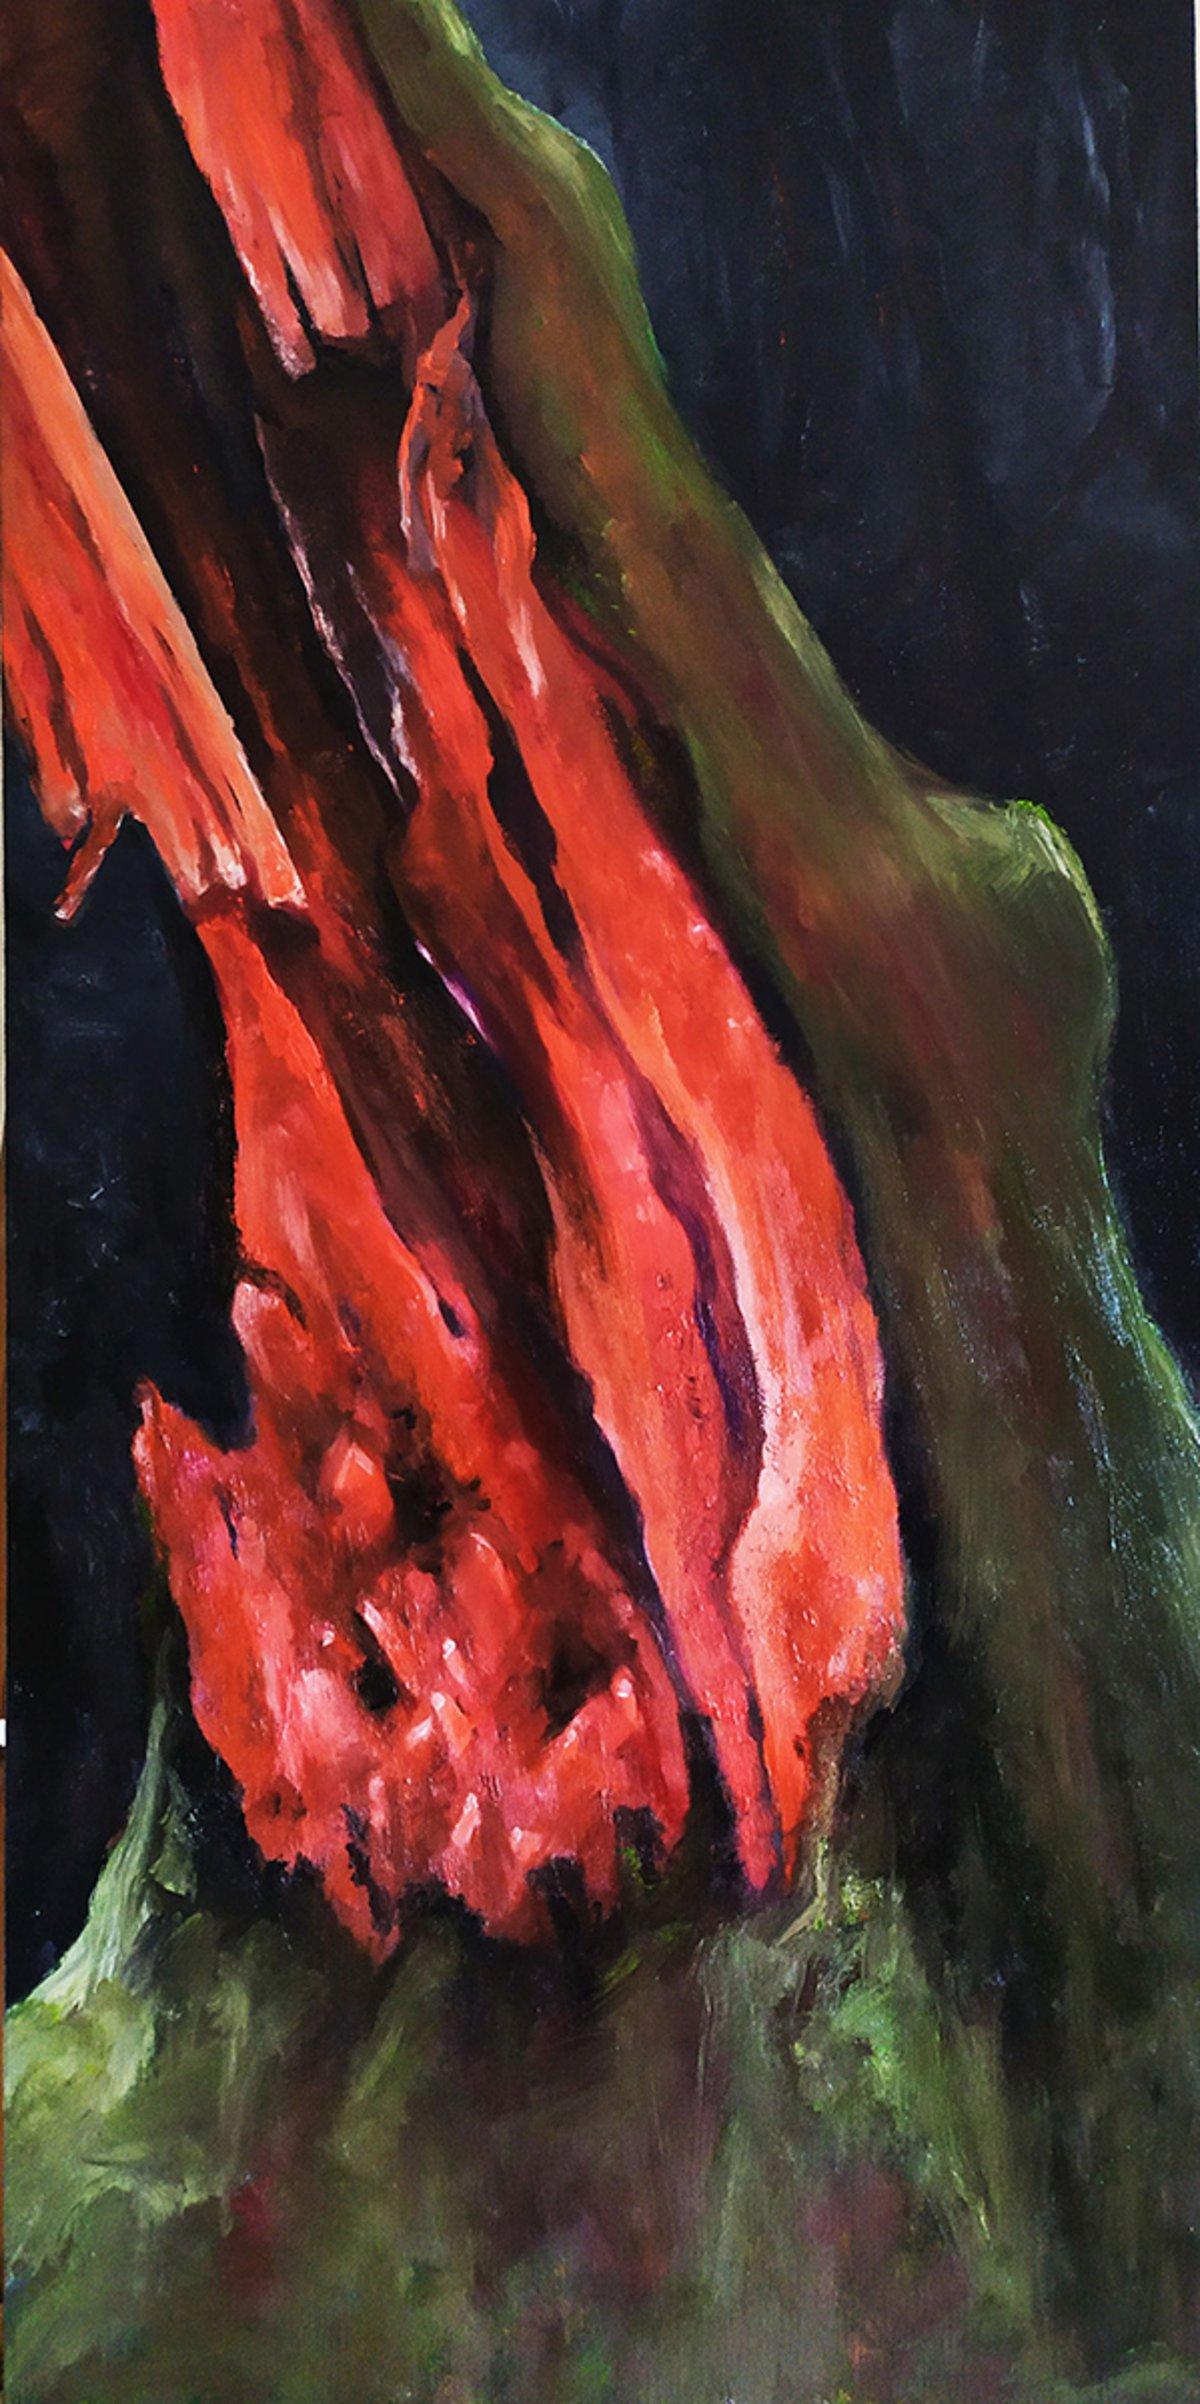 Sabrina Saboya - Butchered Tree